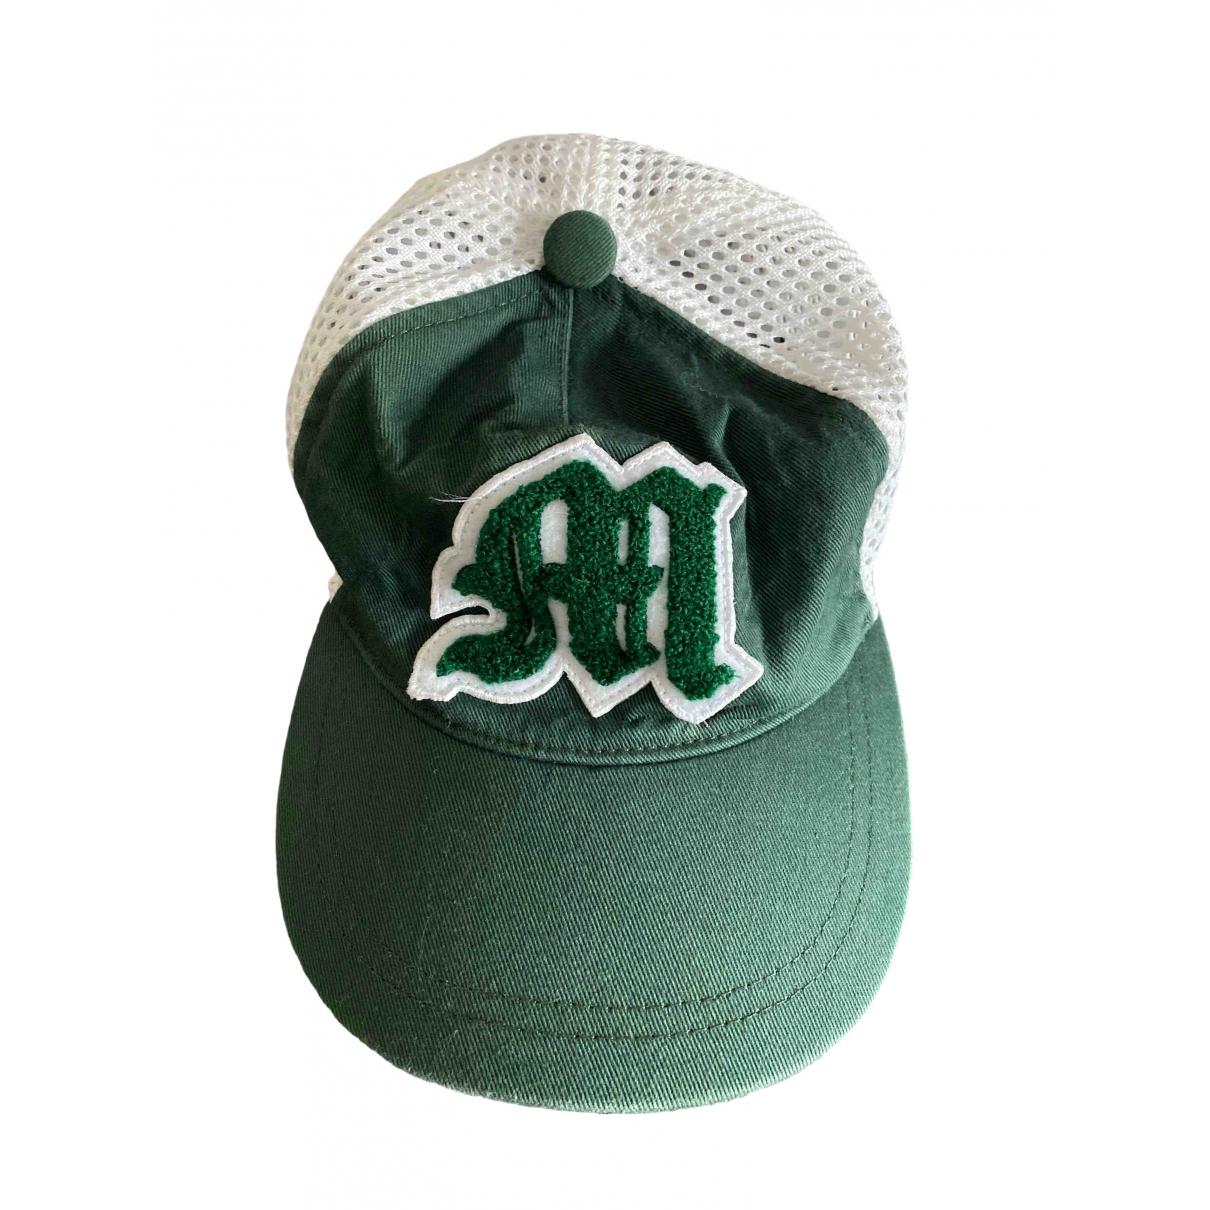 Moncler \N Green Cotton hat & Gloves for Kids \N